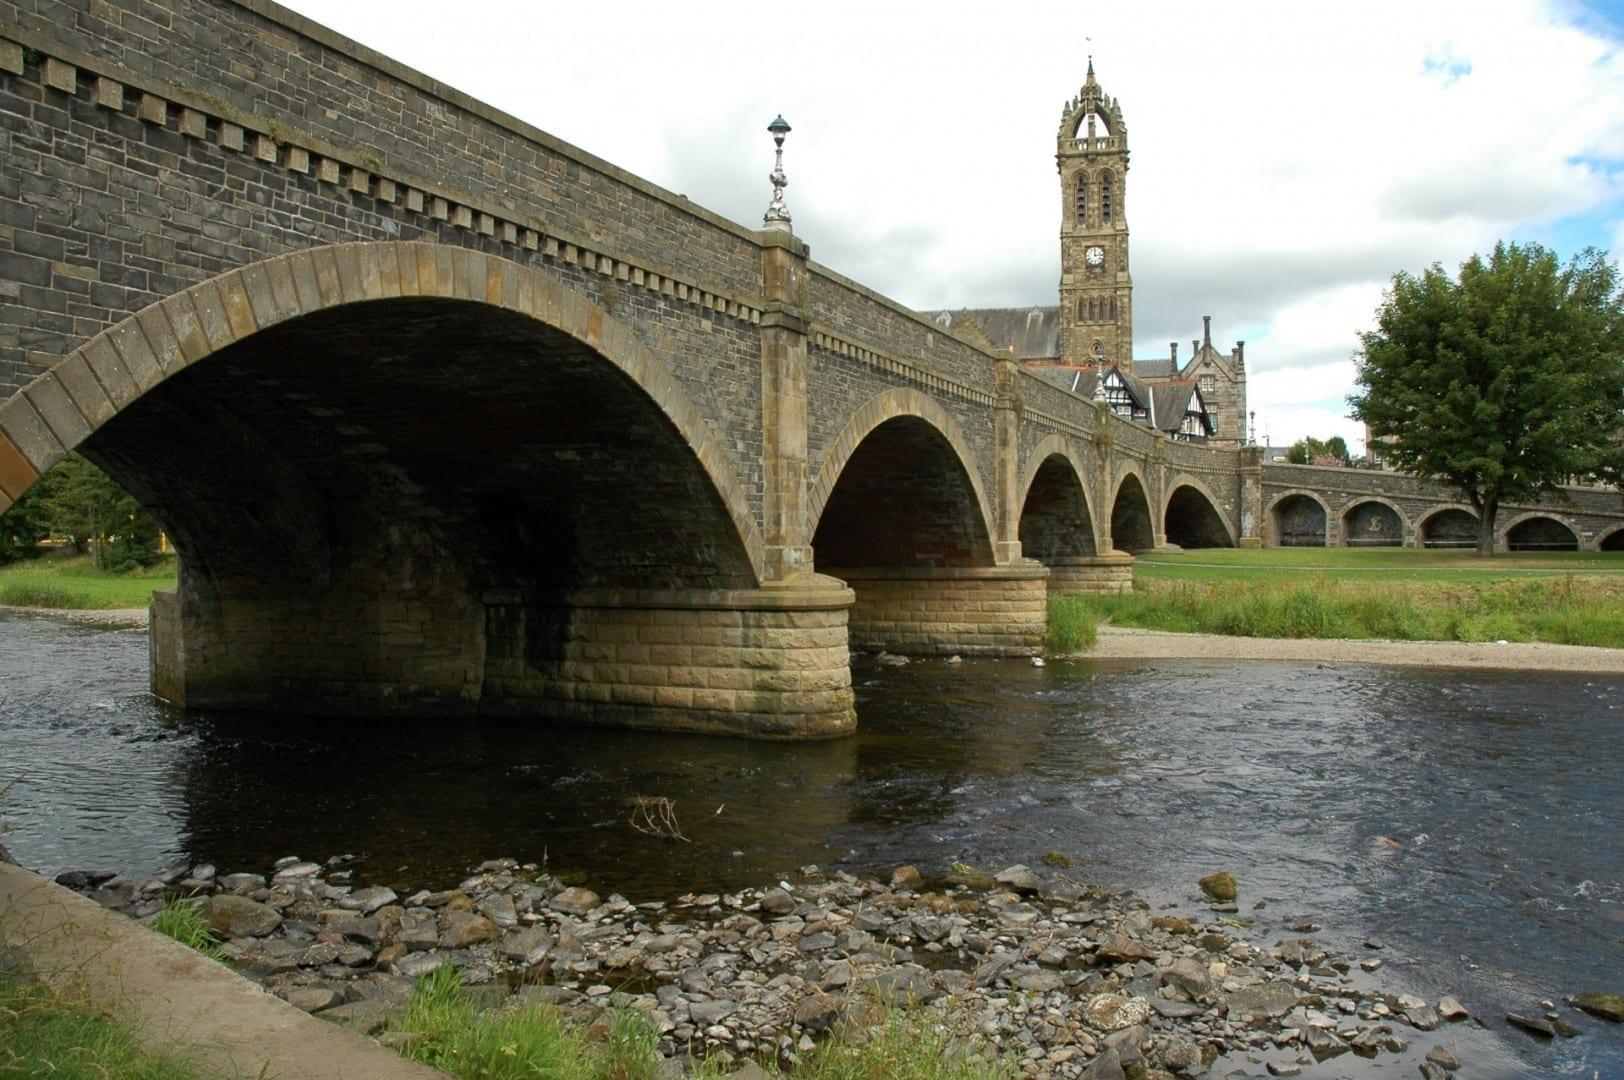 Puente sobre el río Tweed en Peebles Peebles Reino Unido